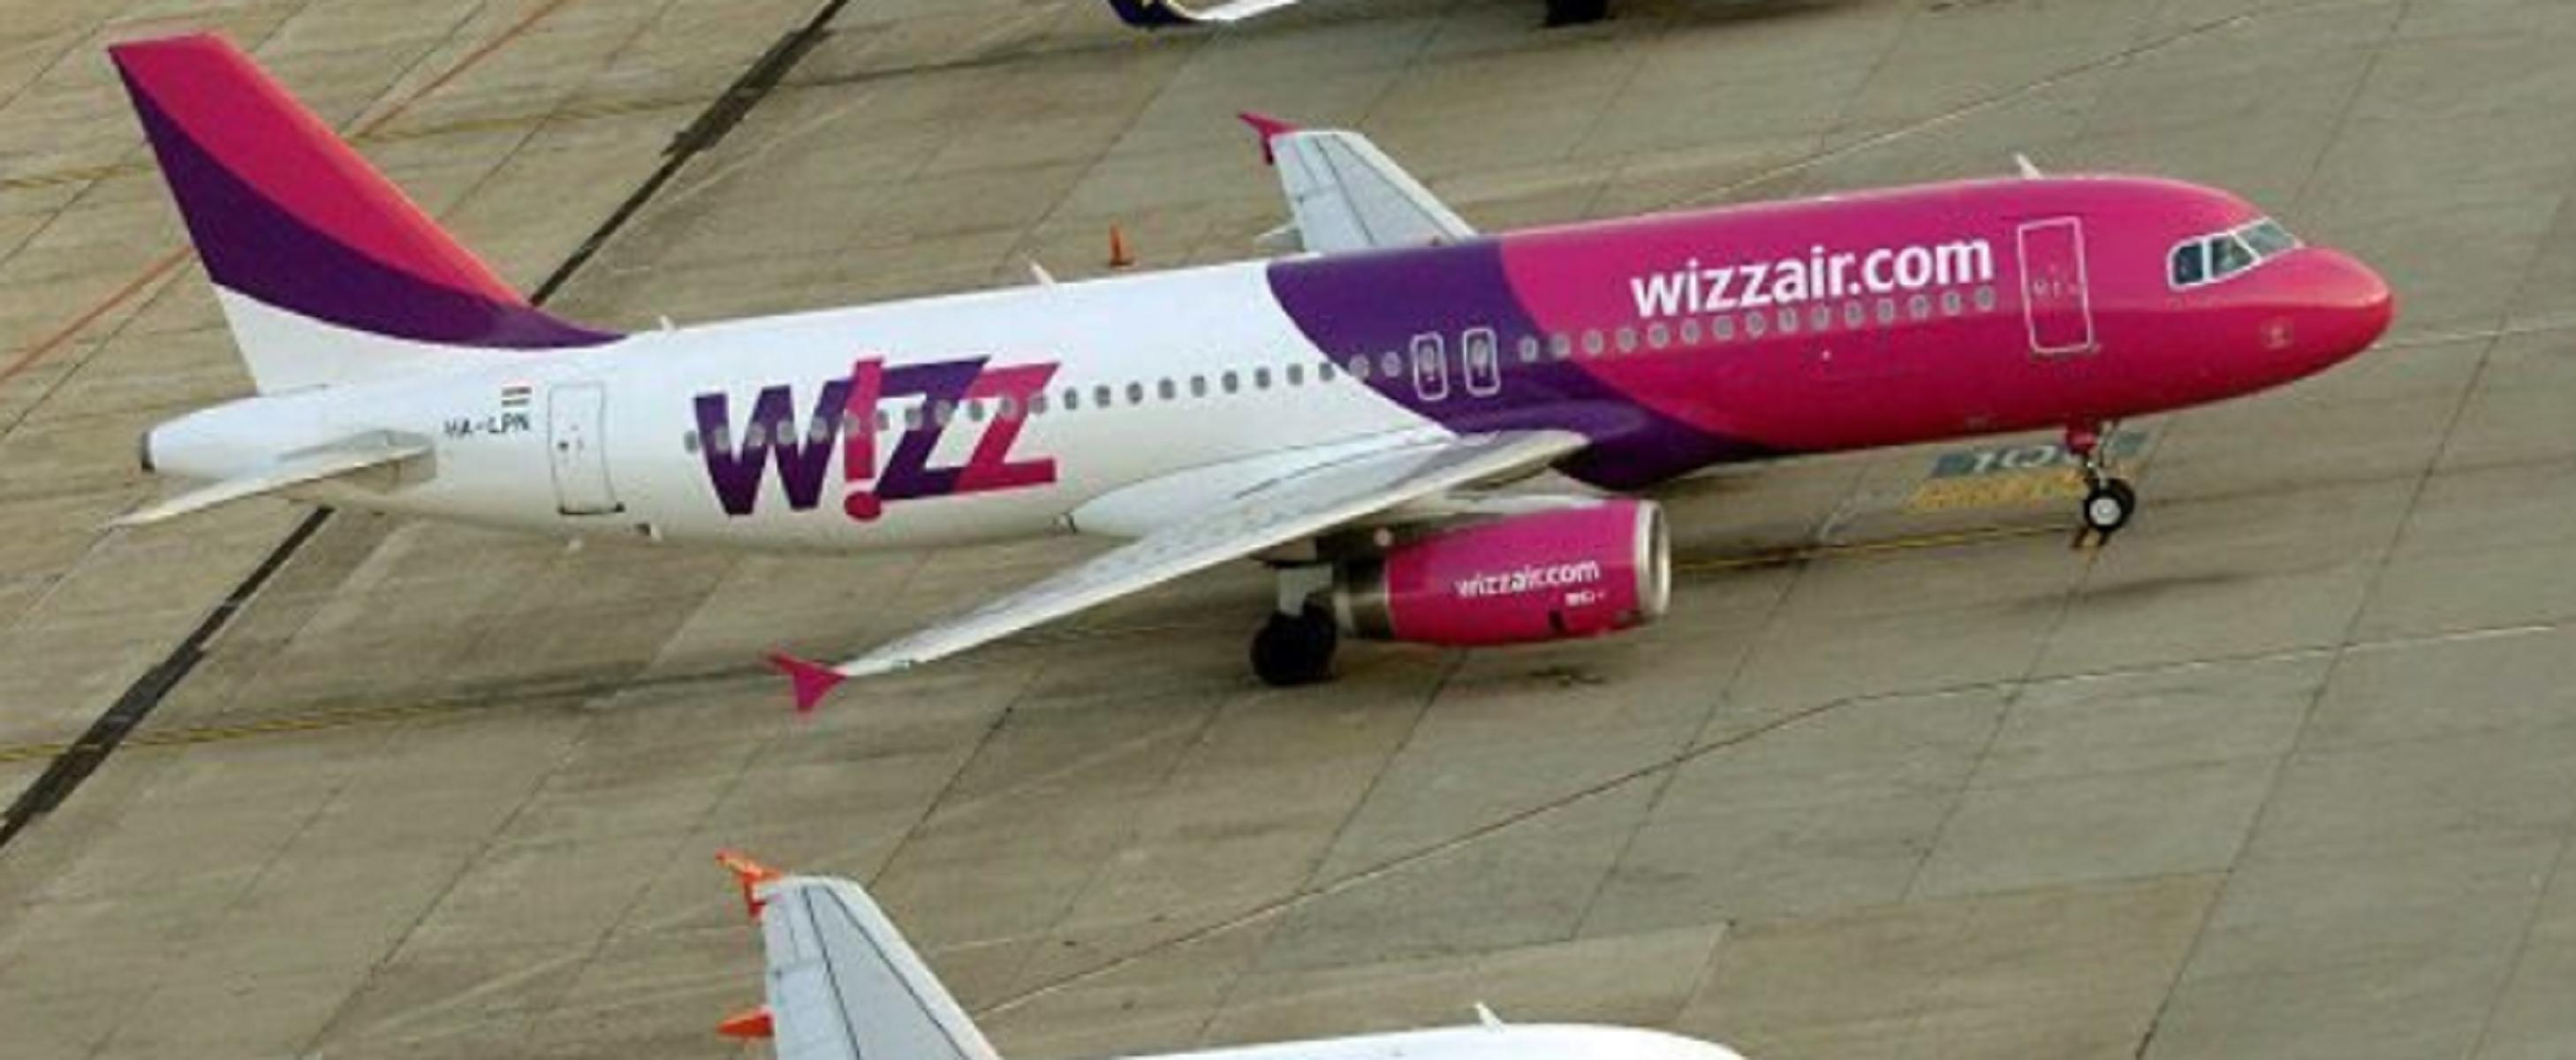 Bagaglio a mano, le nuove regole di Wizz Air dopo la multa